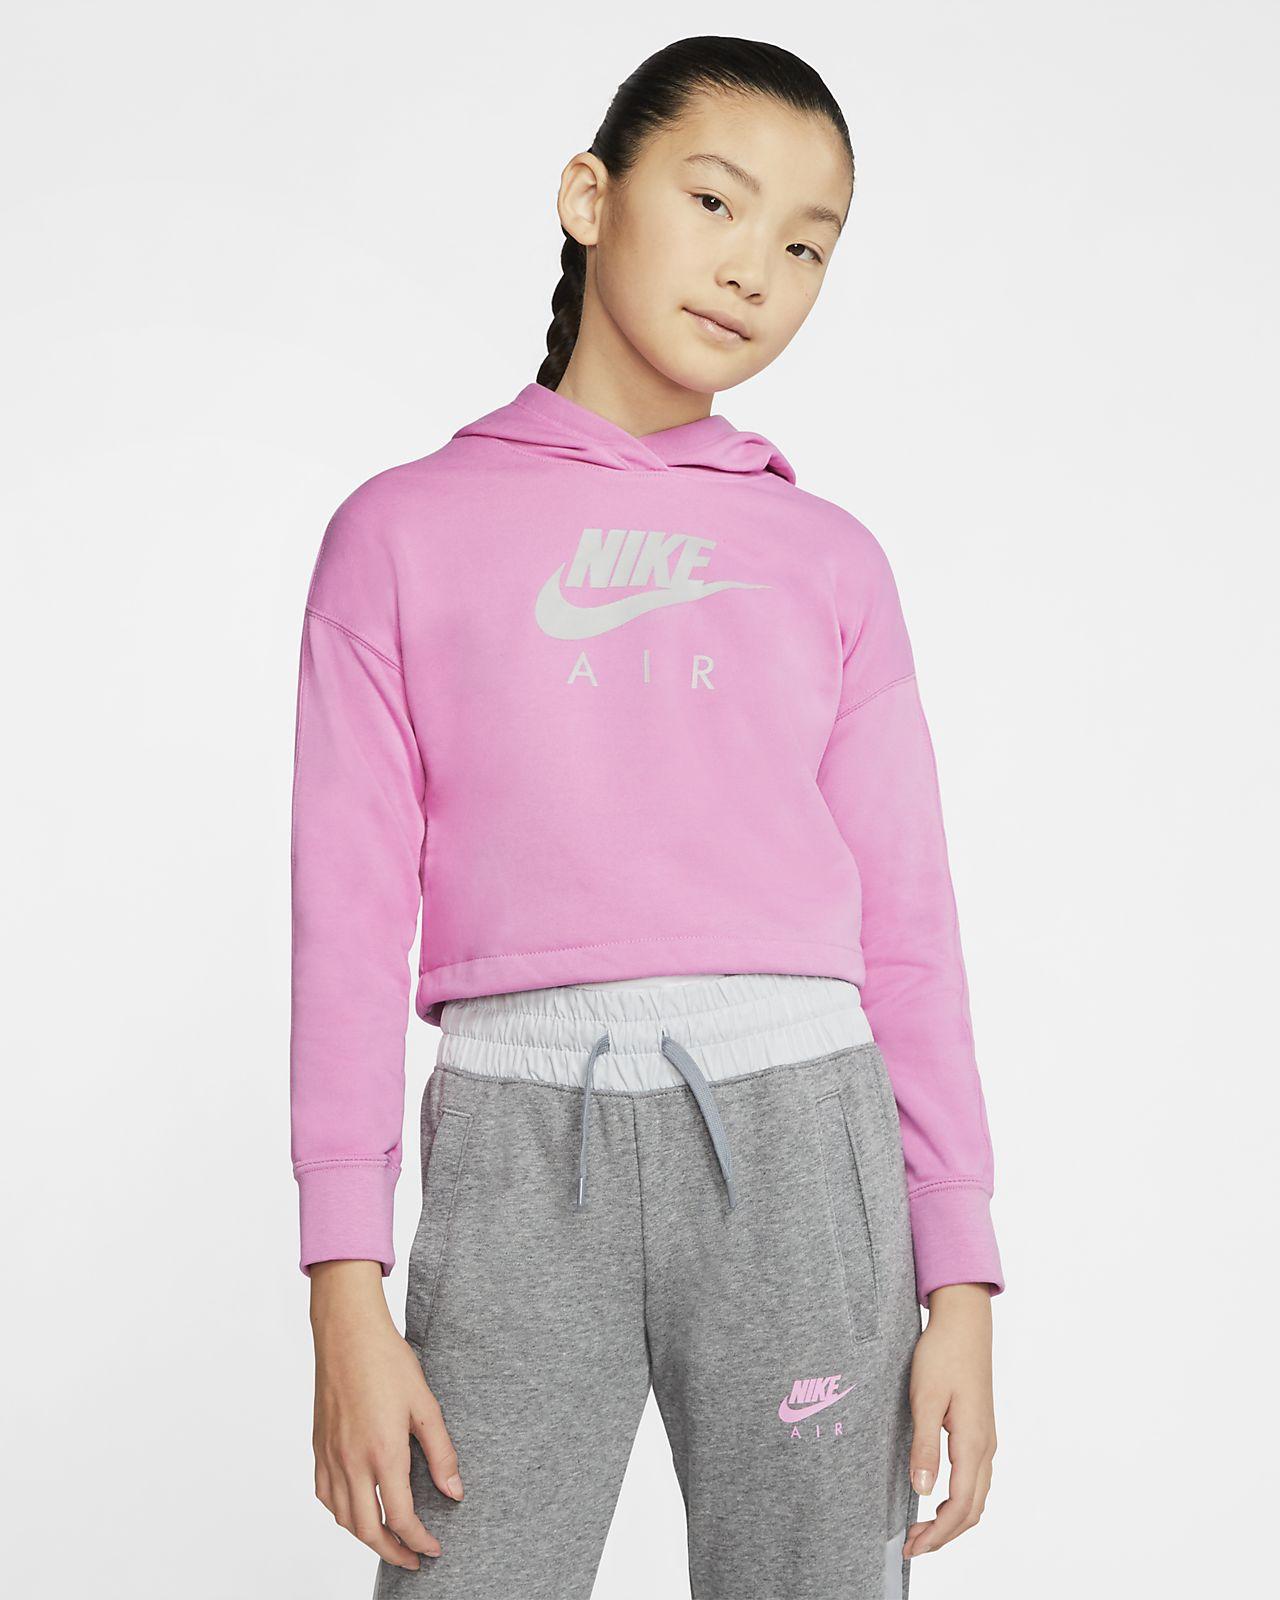 Kort huvtröja Nike Air för ungdom (tjejer)